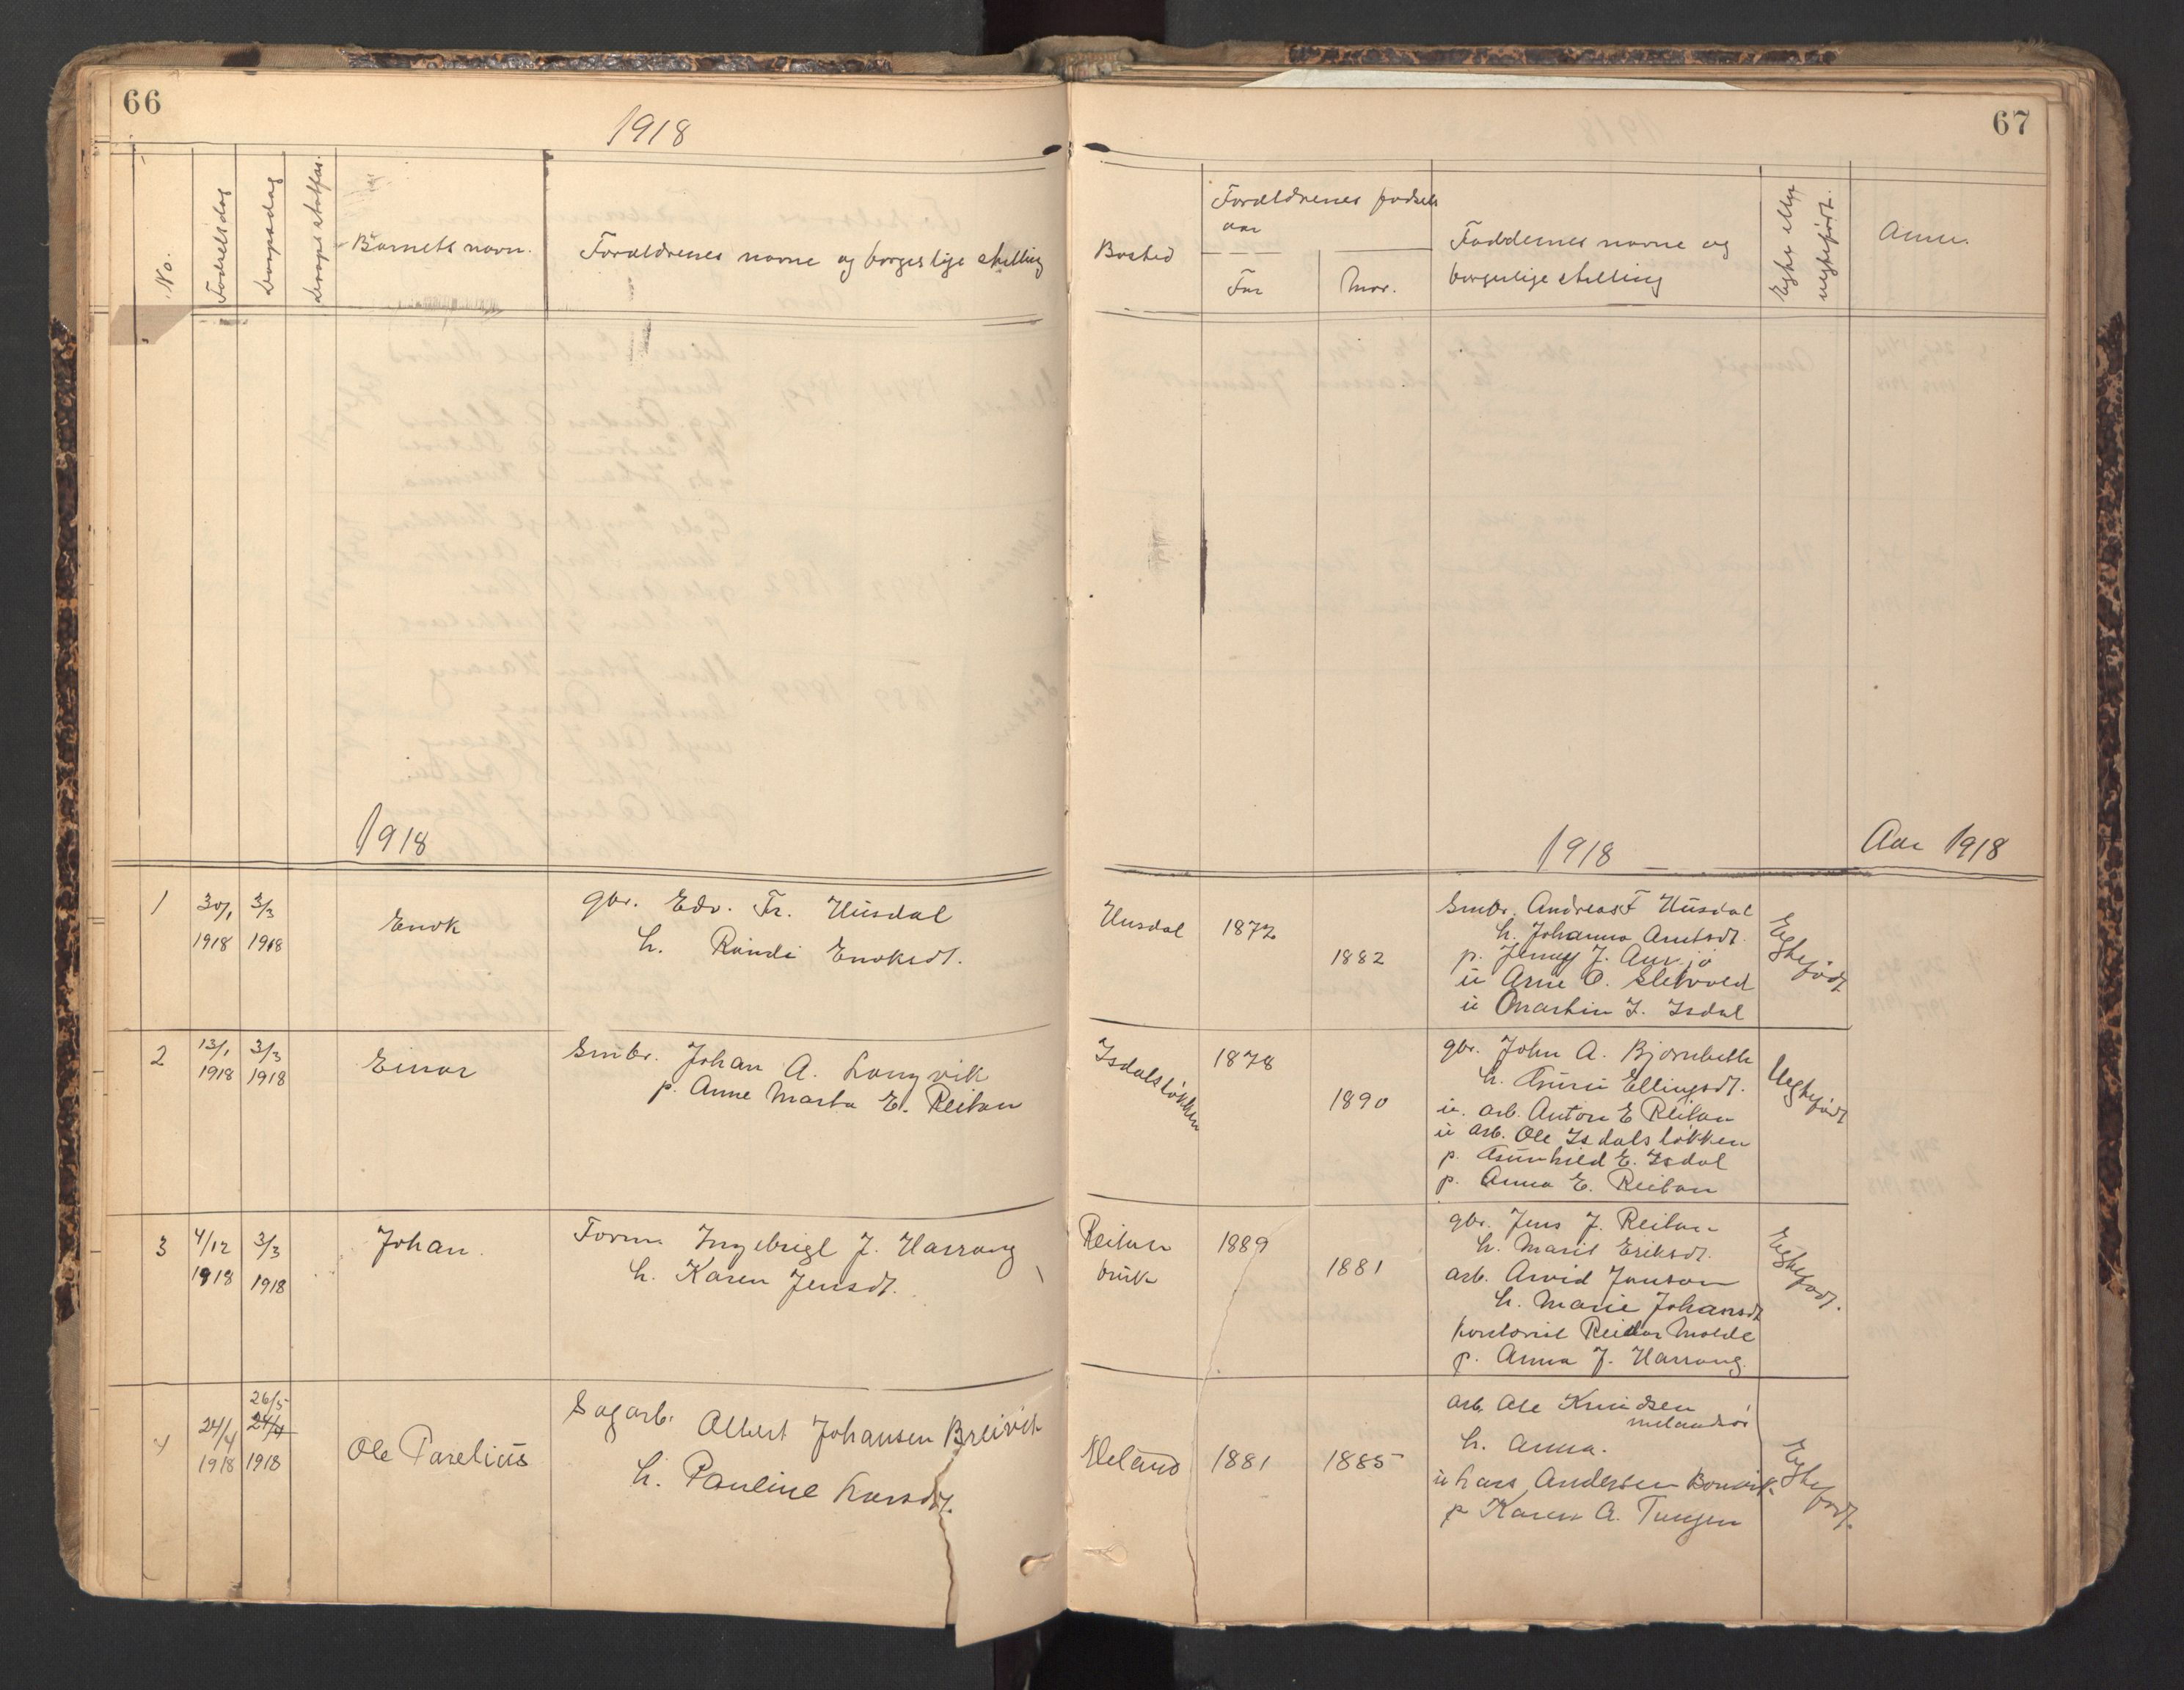 SAT, Ministerialprotokoller, klokkerbøker og fødselsregistre - Sør-Trøndelag, 670/L0837: Klokkerbok nr. 670C01, 1905-1946, s. 66-67